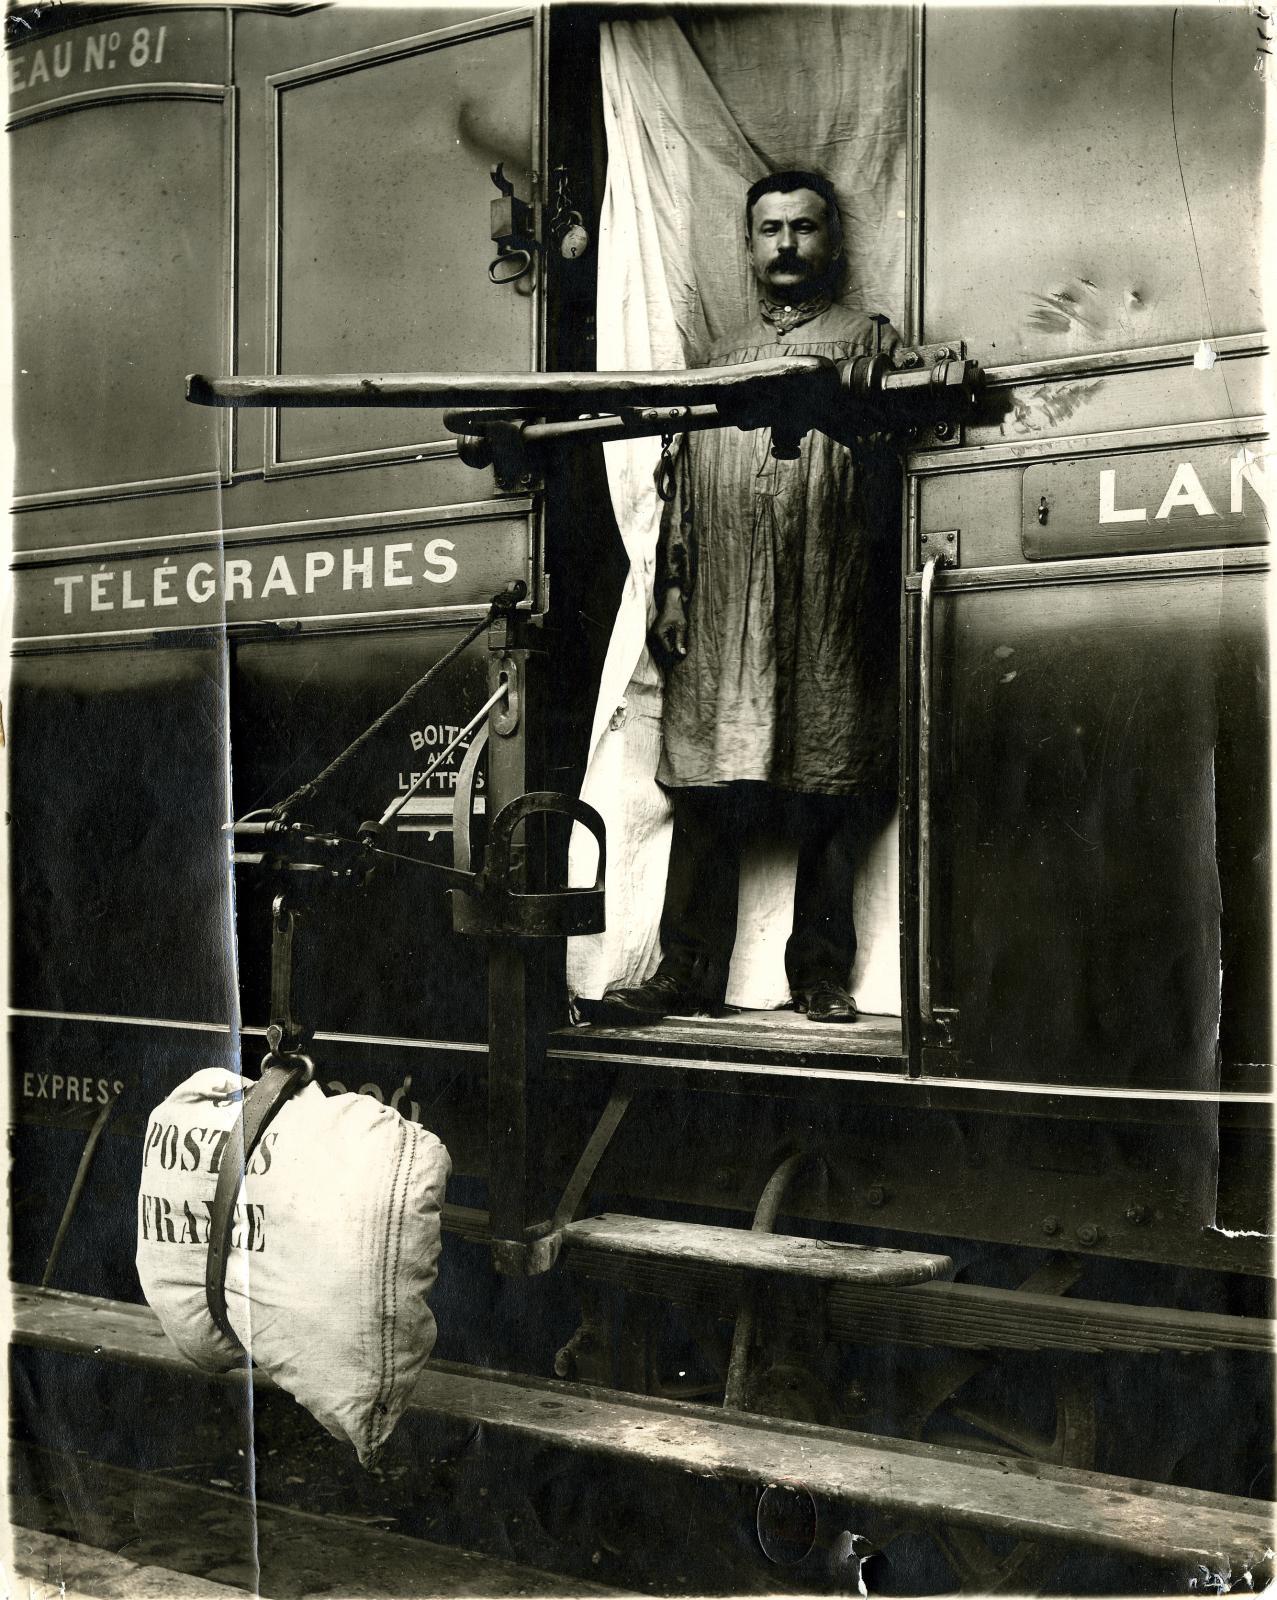 Essai d'échange de dépêches en route sur le trajet Paris-Langres, tirage argentique sur papier, 1884. ©Musée de LaPoste - LaPoste, 2020